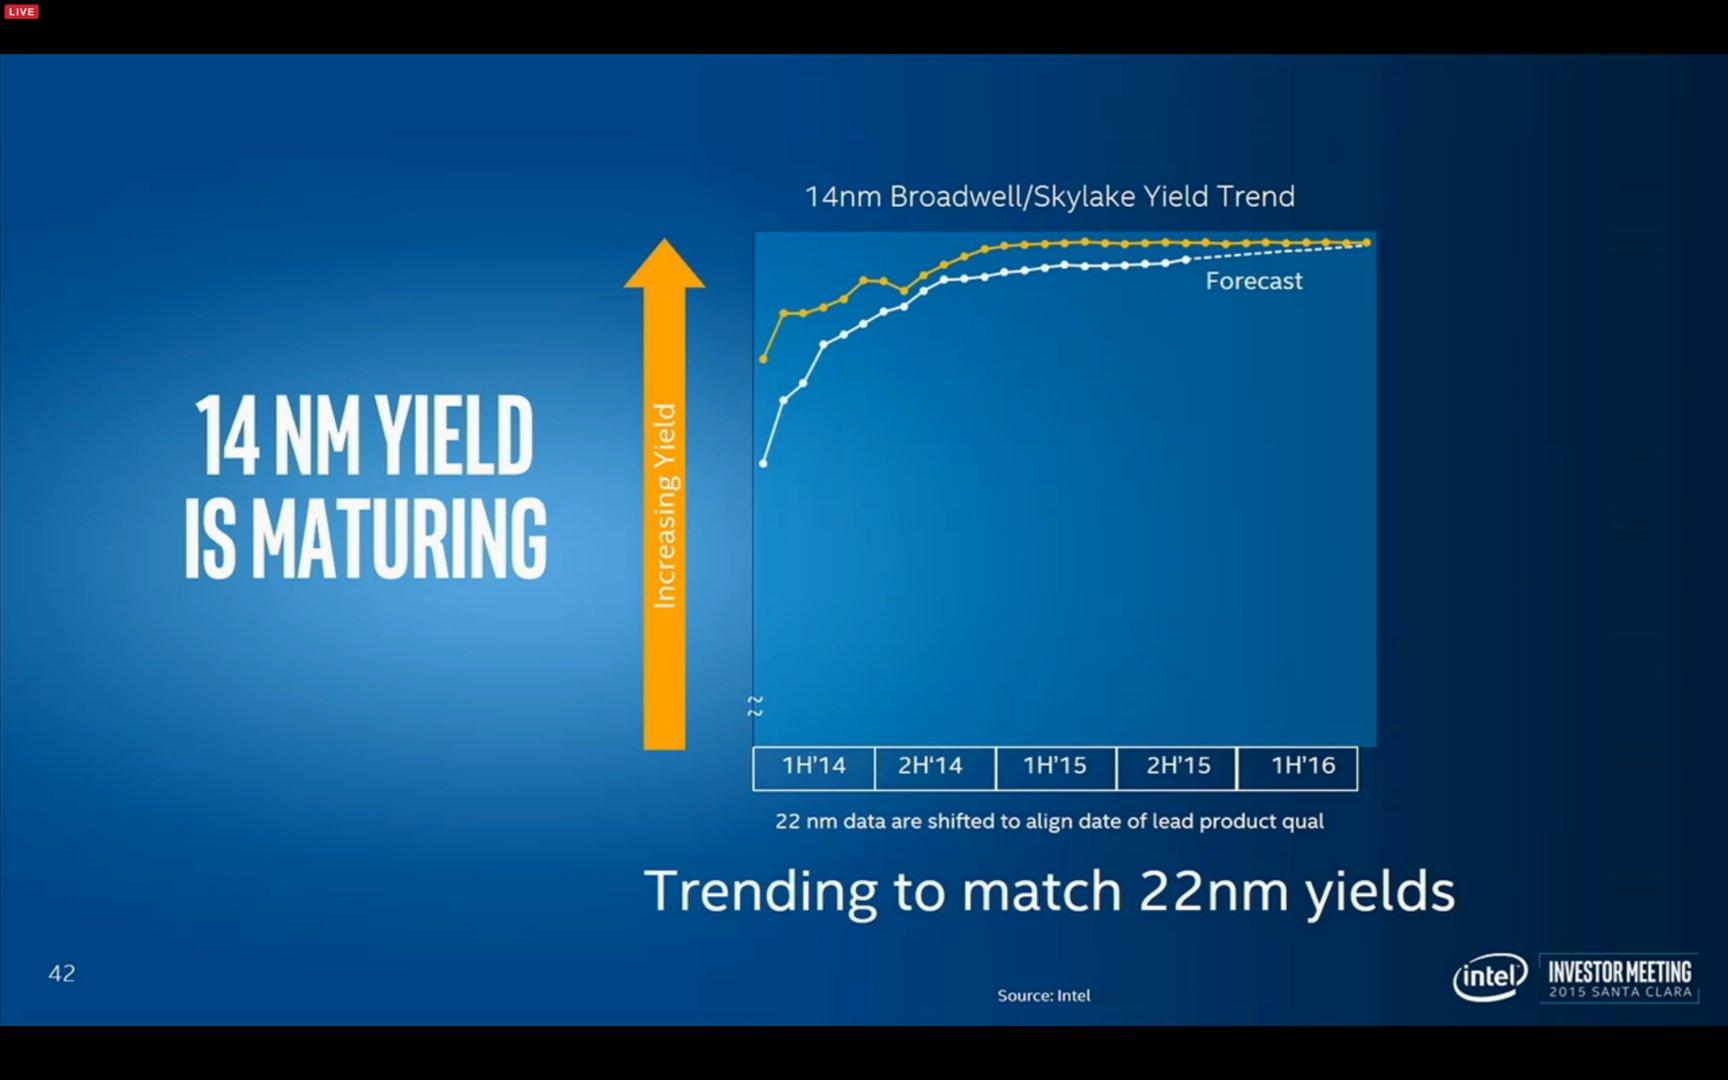 Yield-Rate von 14 nm im Vergleich zu 22 nm